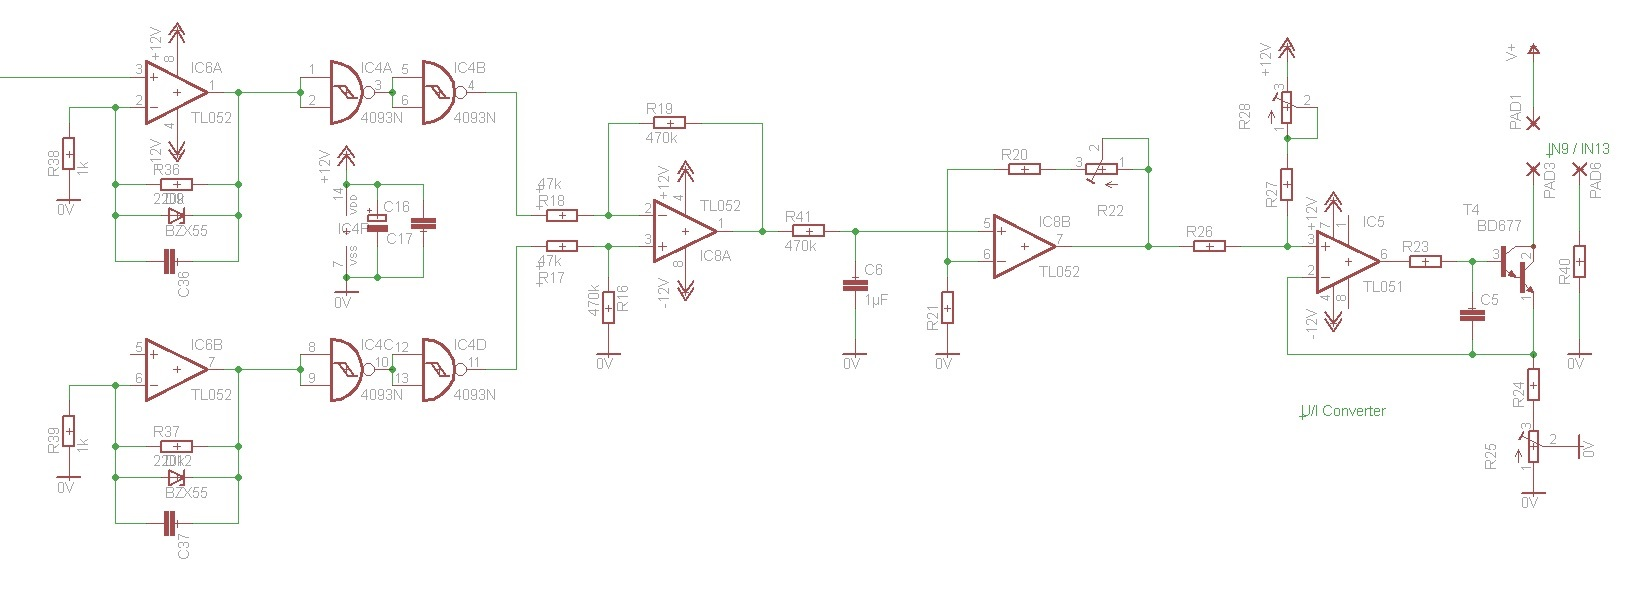 Phasenlage zwischen 2 Audiosignalen auswerten - gute Ideen ...